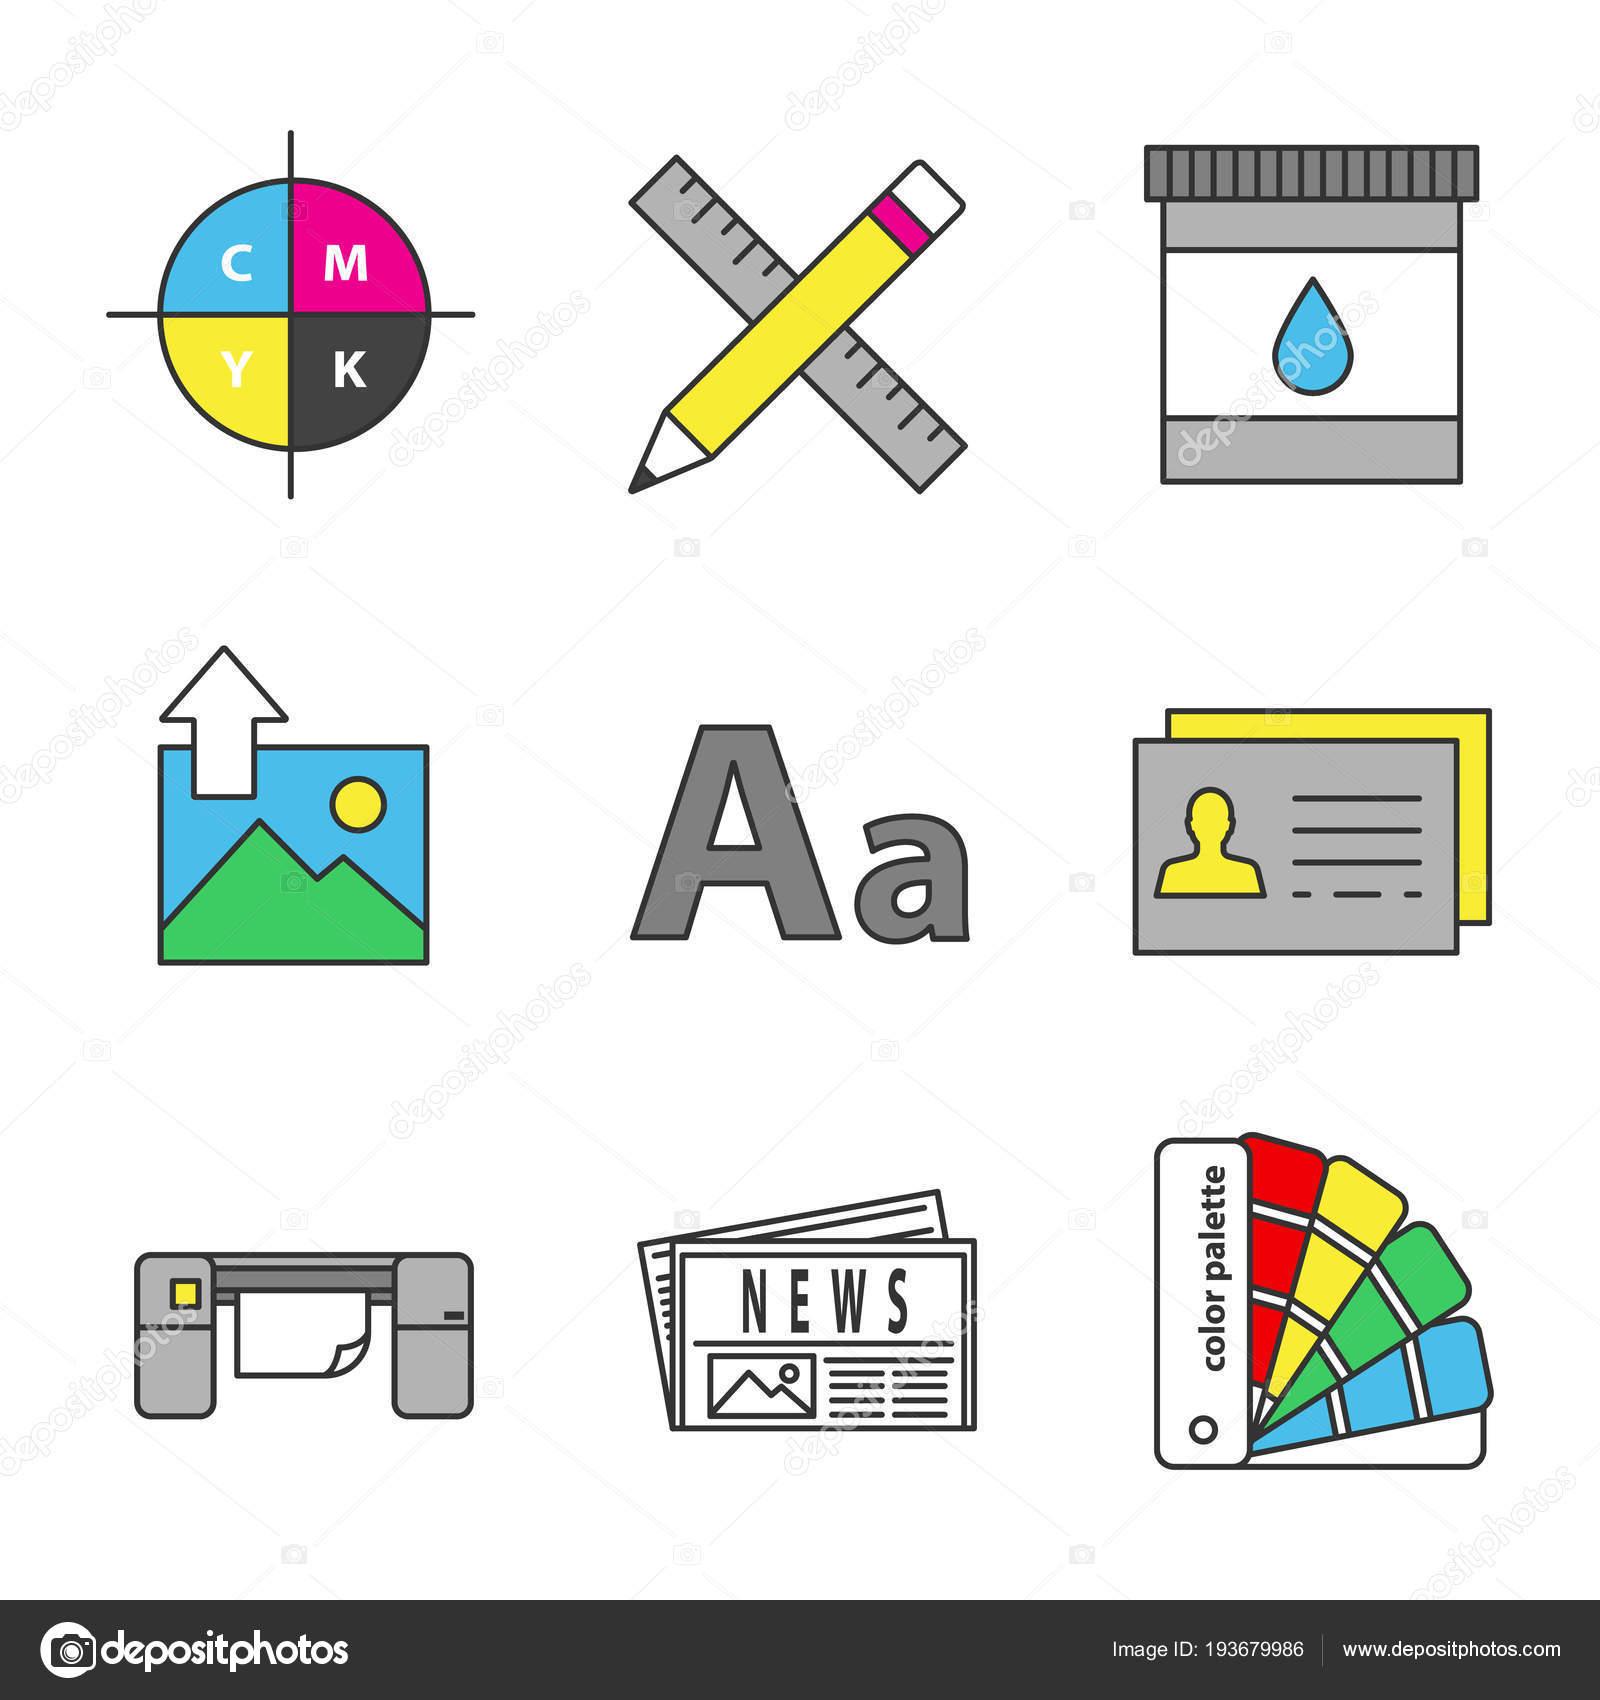 Farbtabelle Symbole Drucken Cmyk Farbmodell Bleistift Und